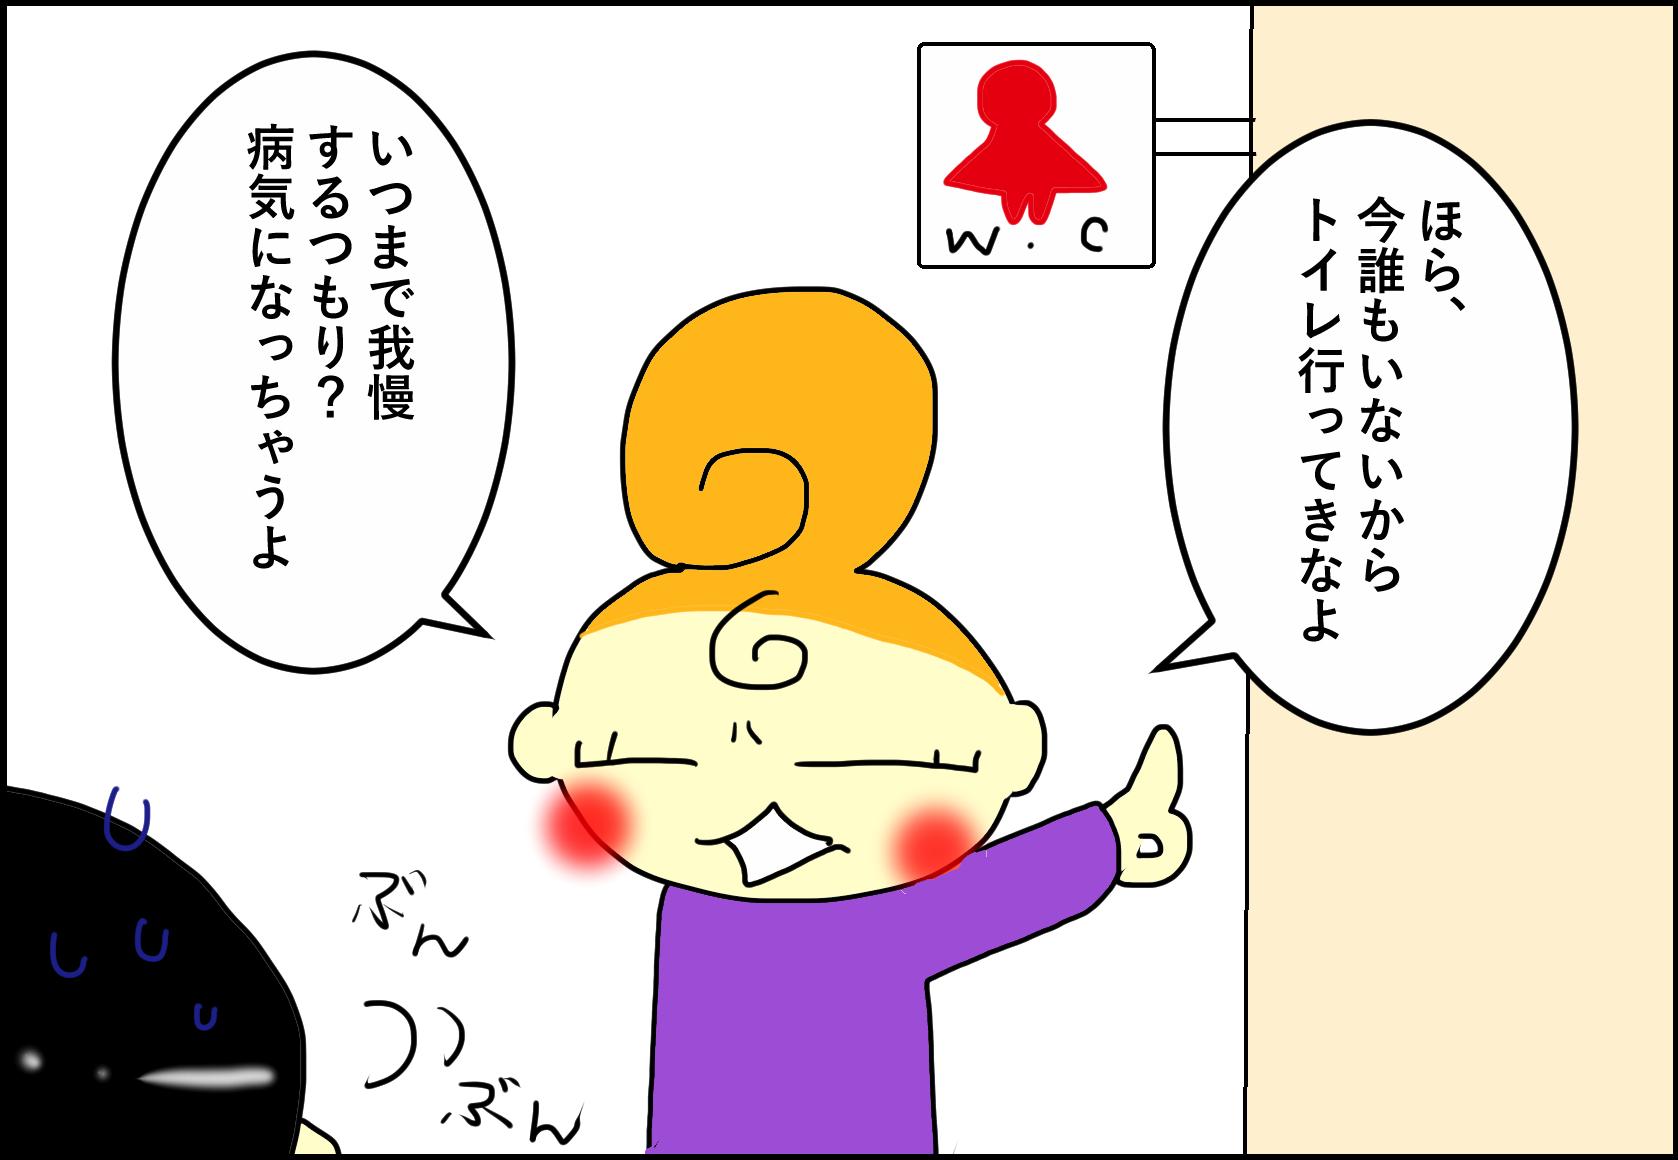 ゲイ 東京生活 動画